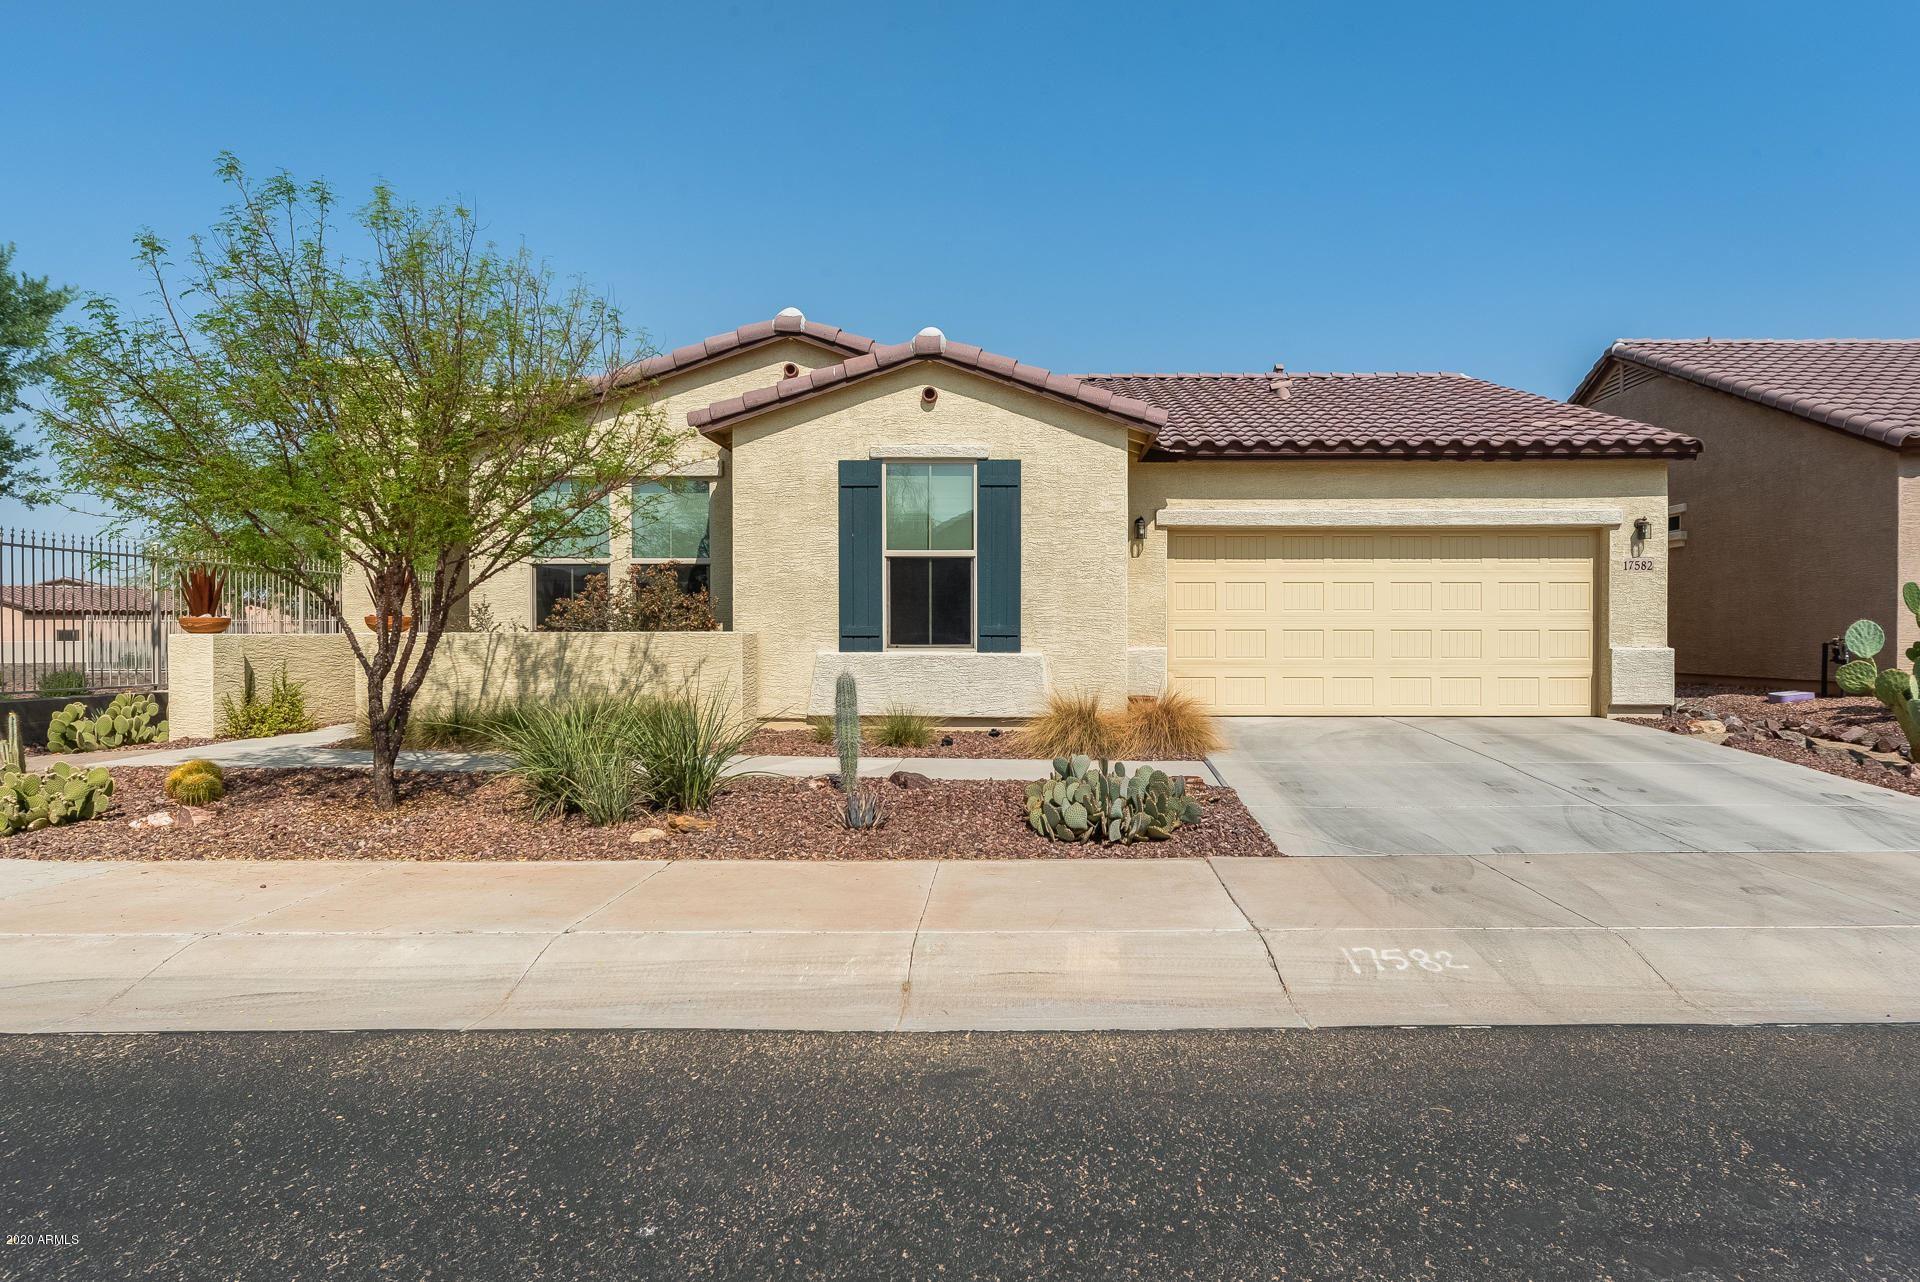 17582 W NIGHTHAWK Way, Goodyear, AZ 85338 - MLS#: 6132503